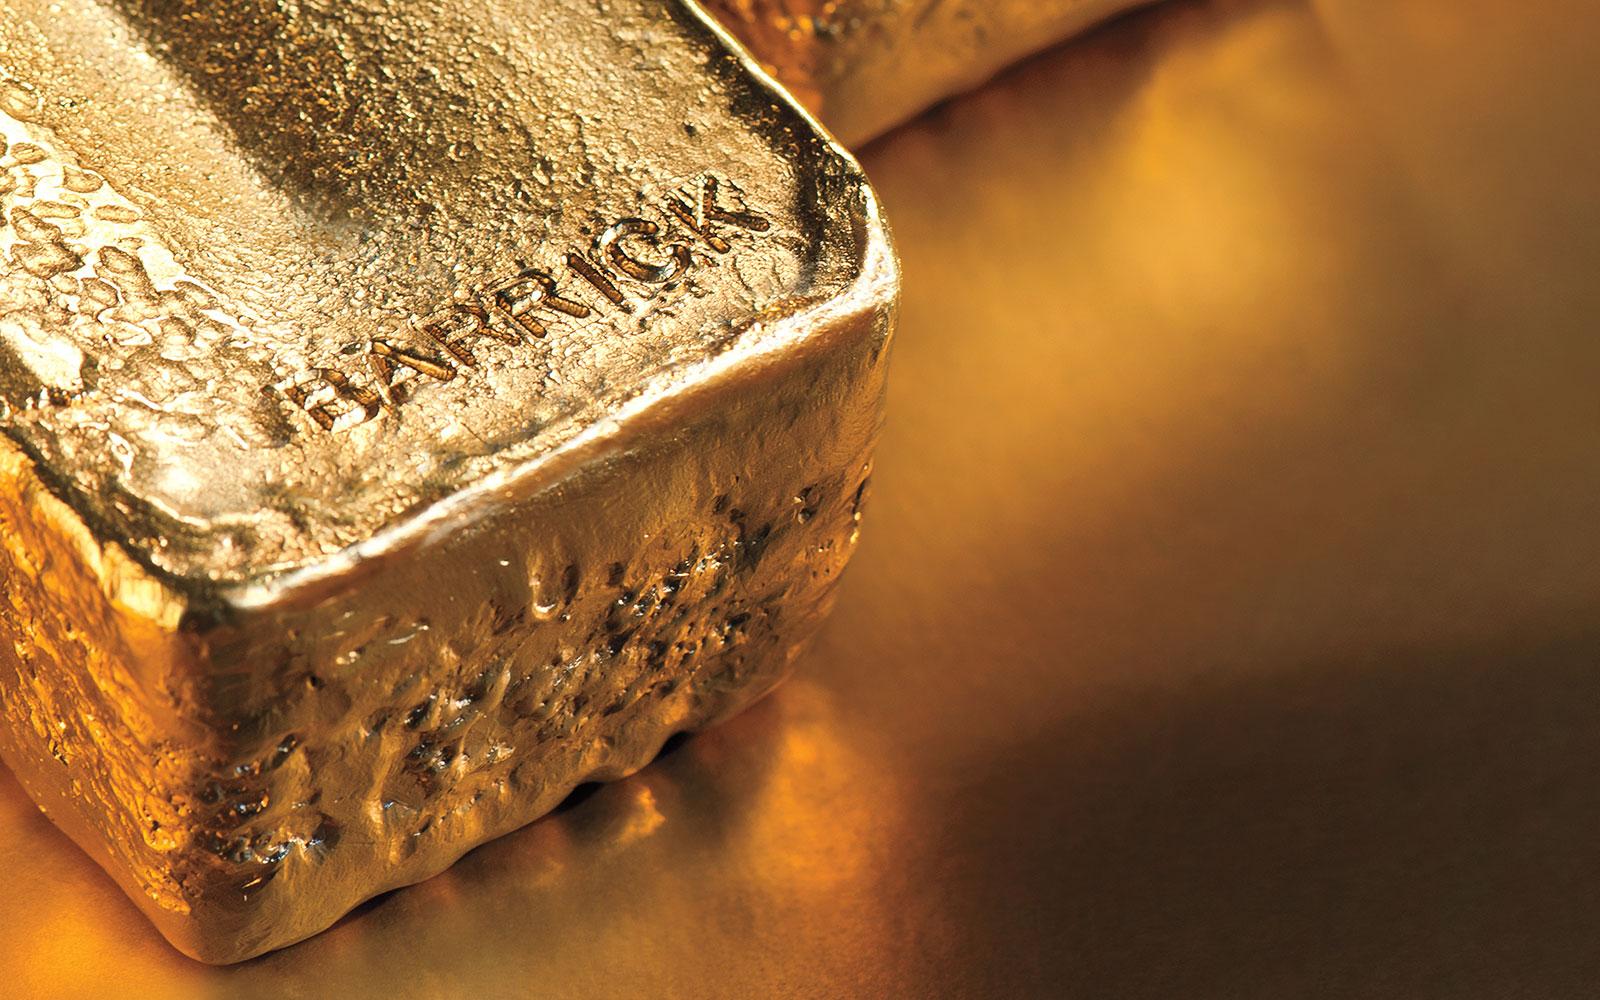 Stock Market News: Barrick Gold Gets Hostile, GE Soars | The